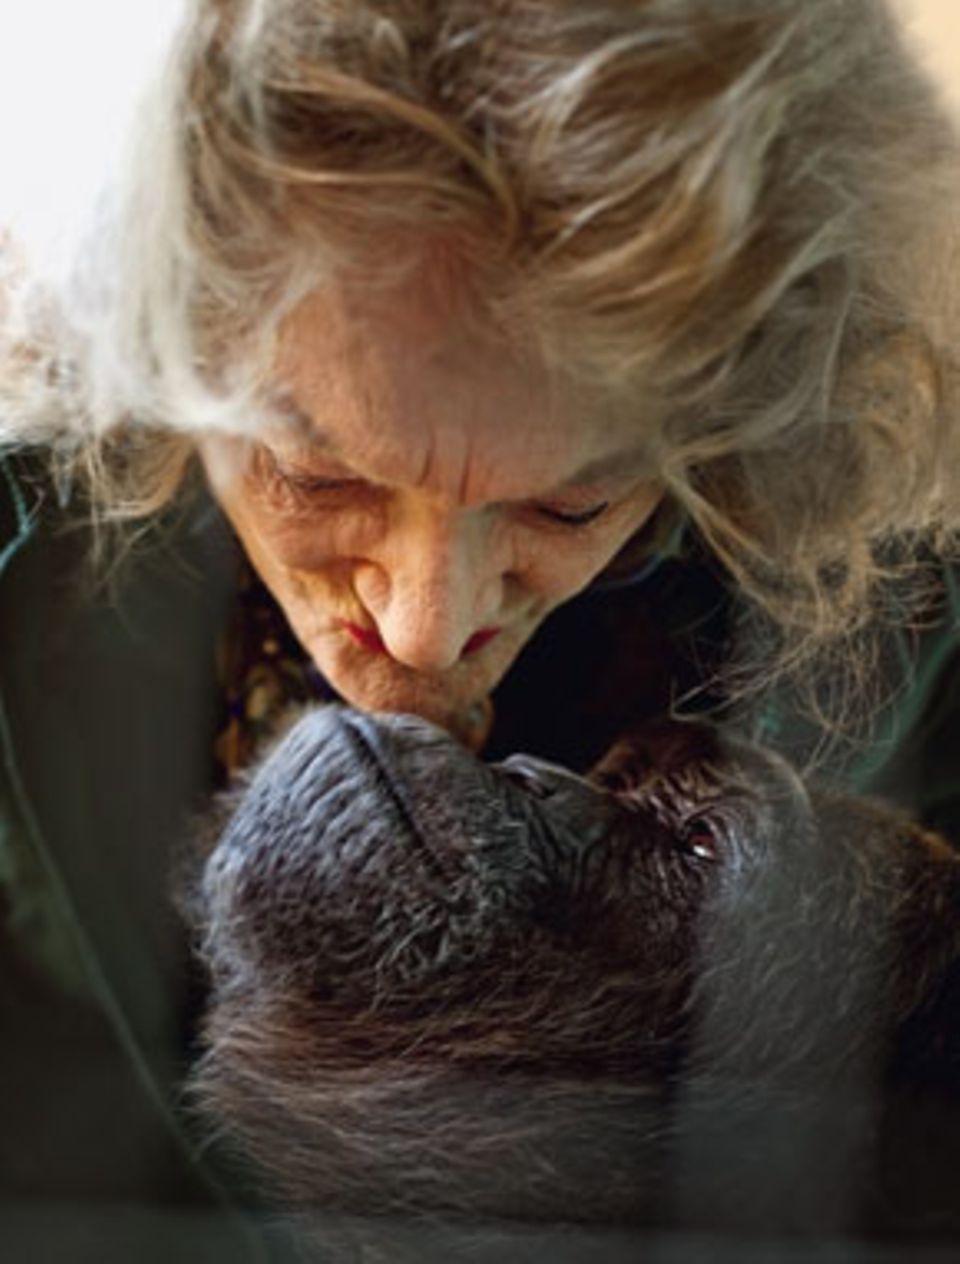 Zwei Damen, die sich innig lieben: Pat und Kalu, die Schimpansin. Gerahmtes zeugt von verblichener Schönheit und den Lieben von einst (links)